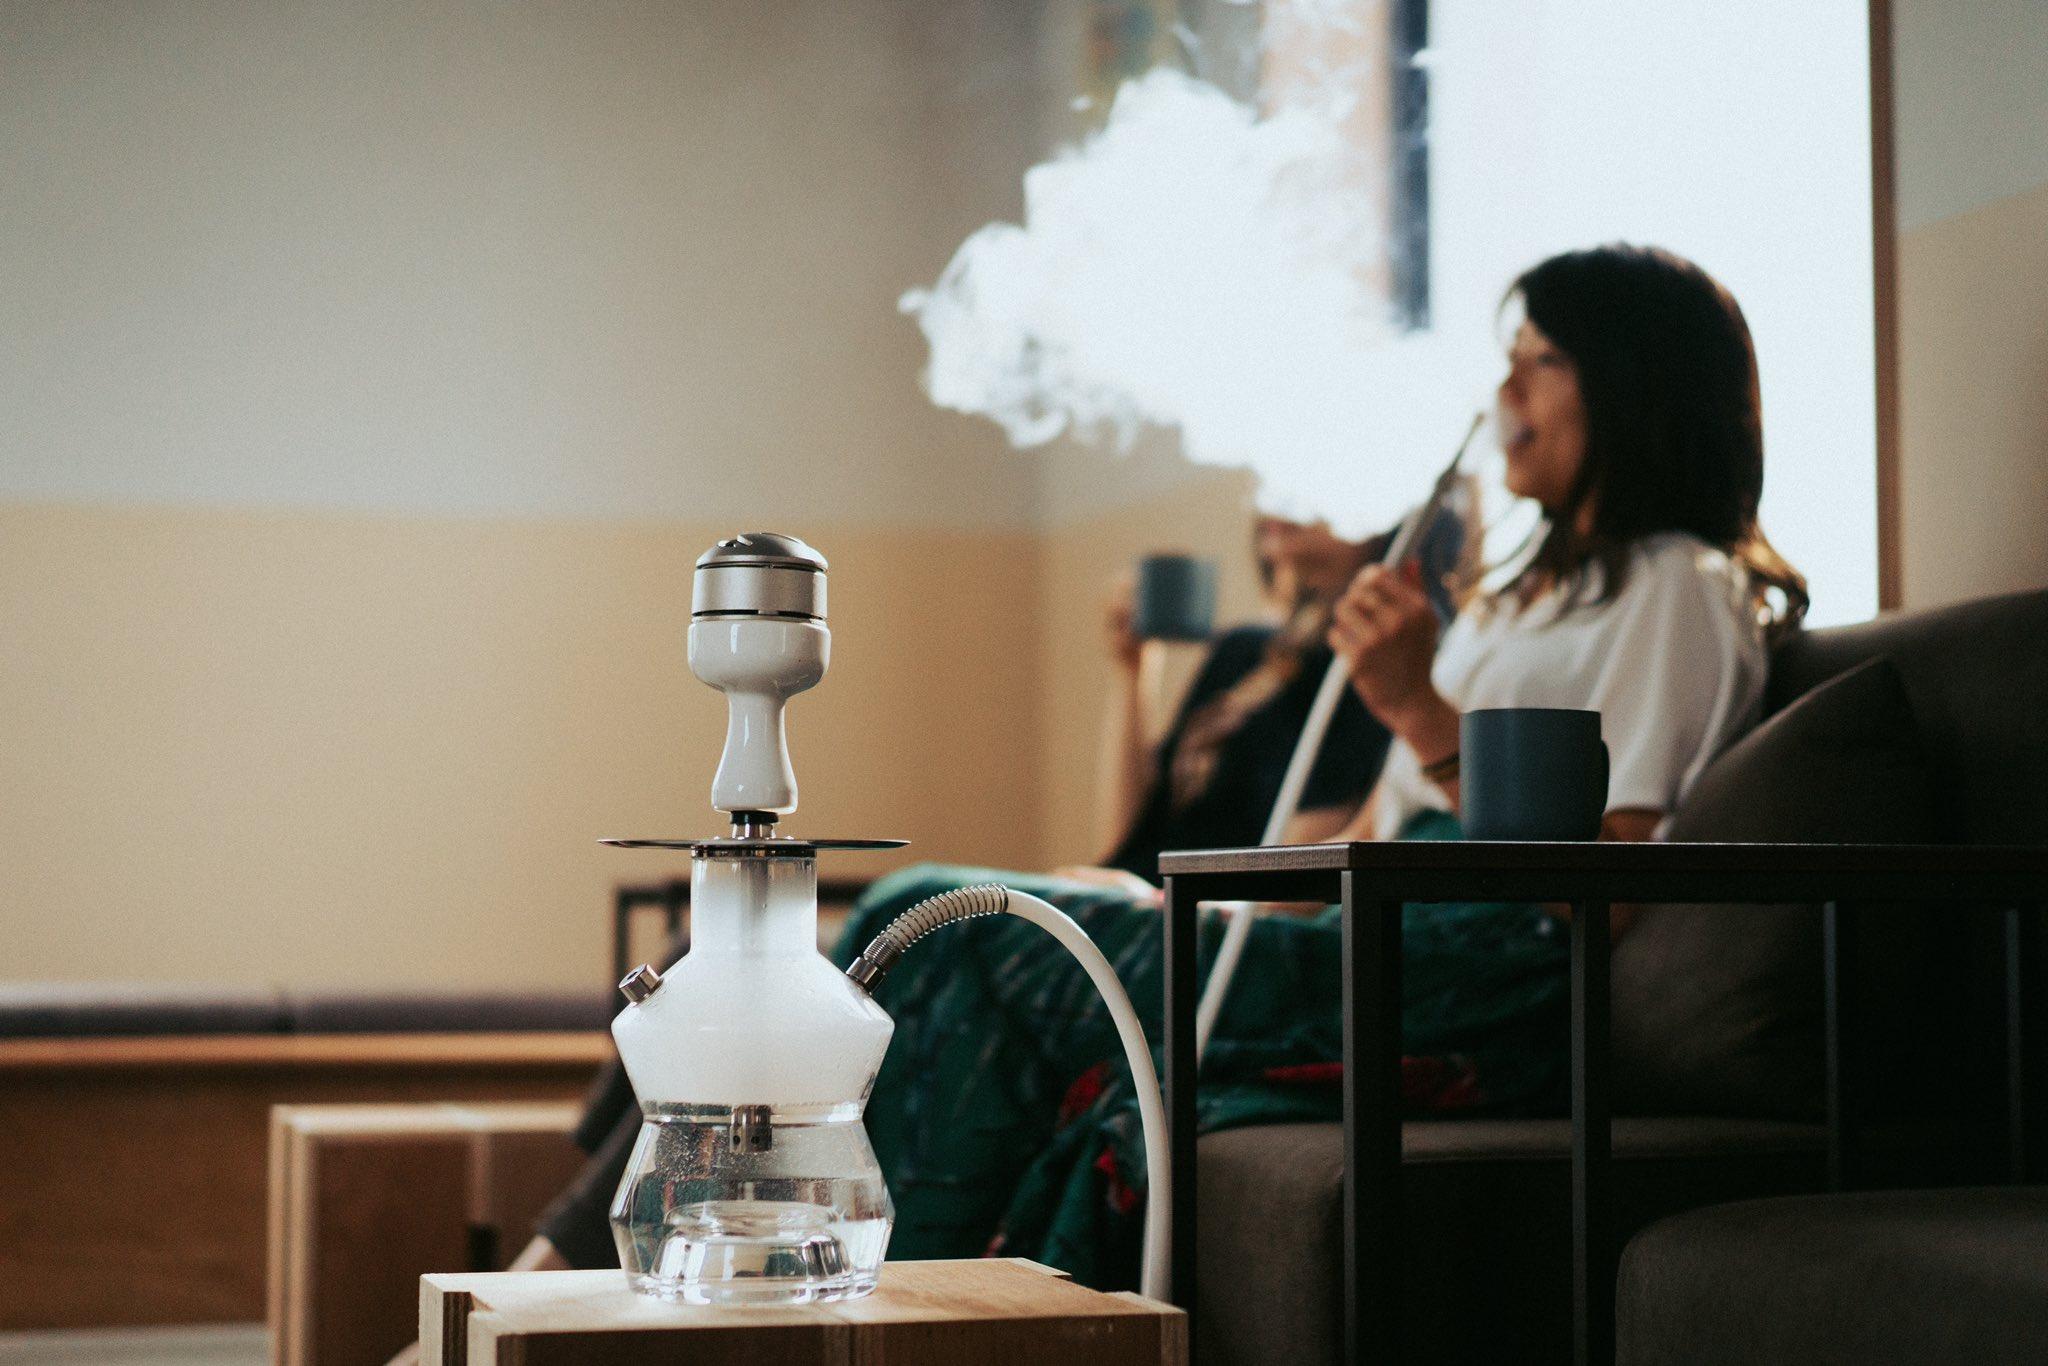 シーシャを吸う女性のイメージ写真